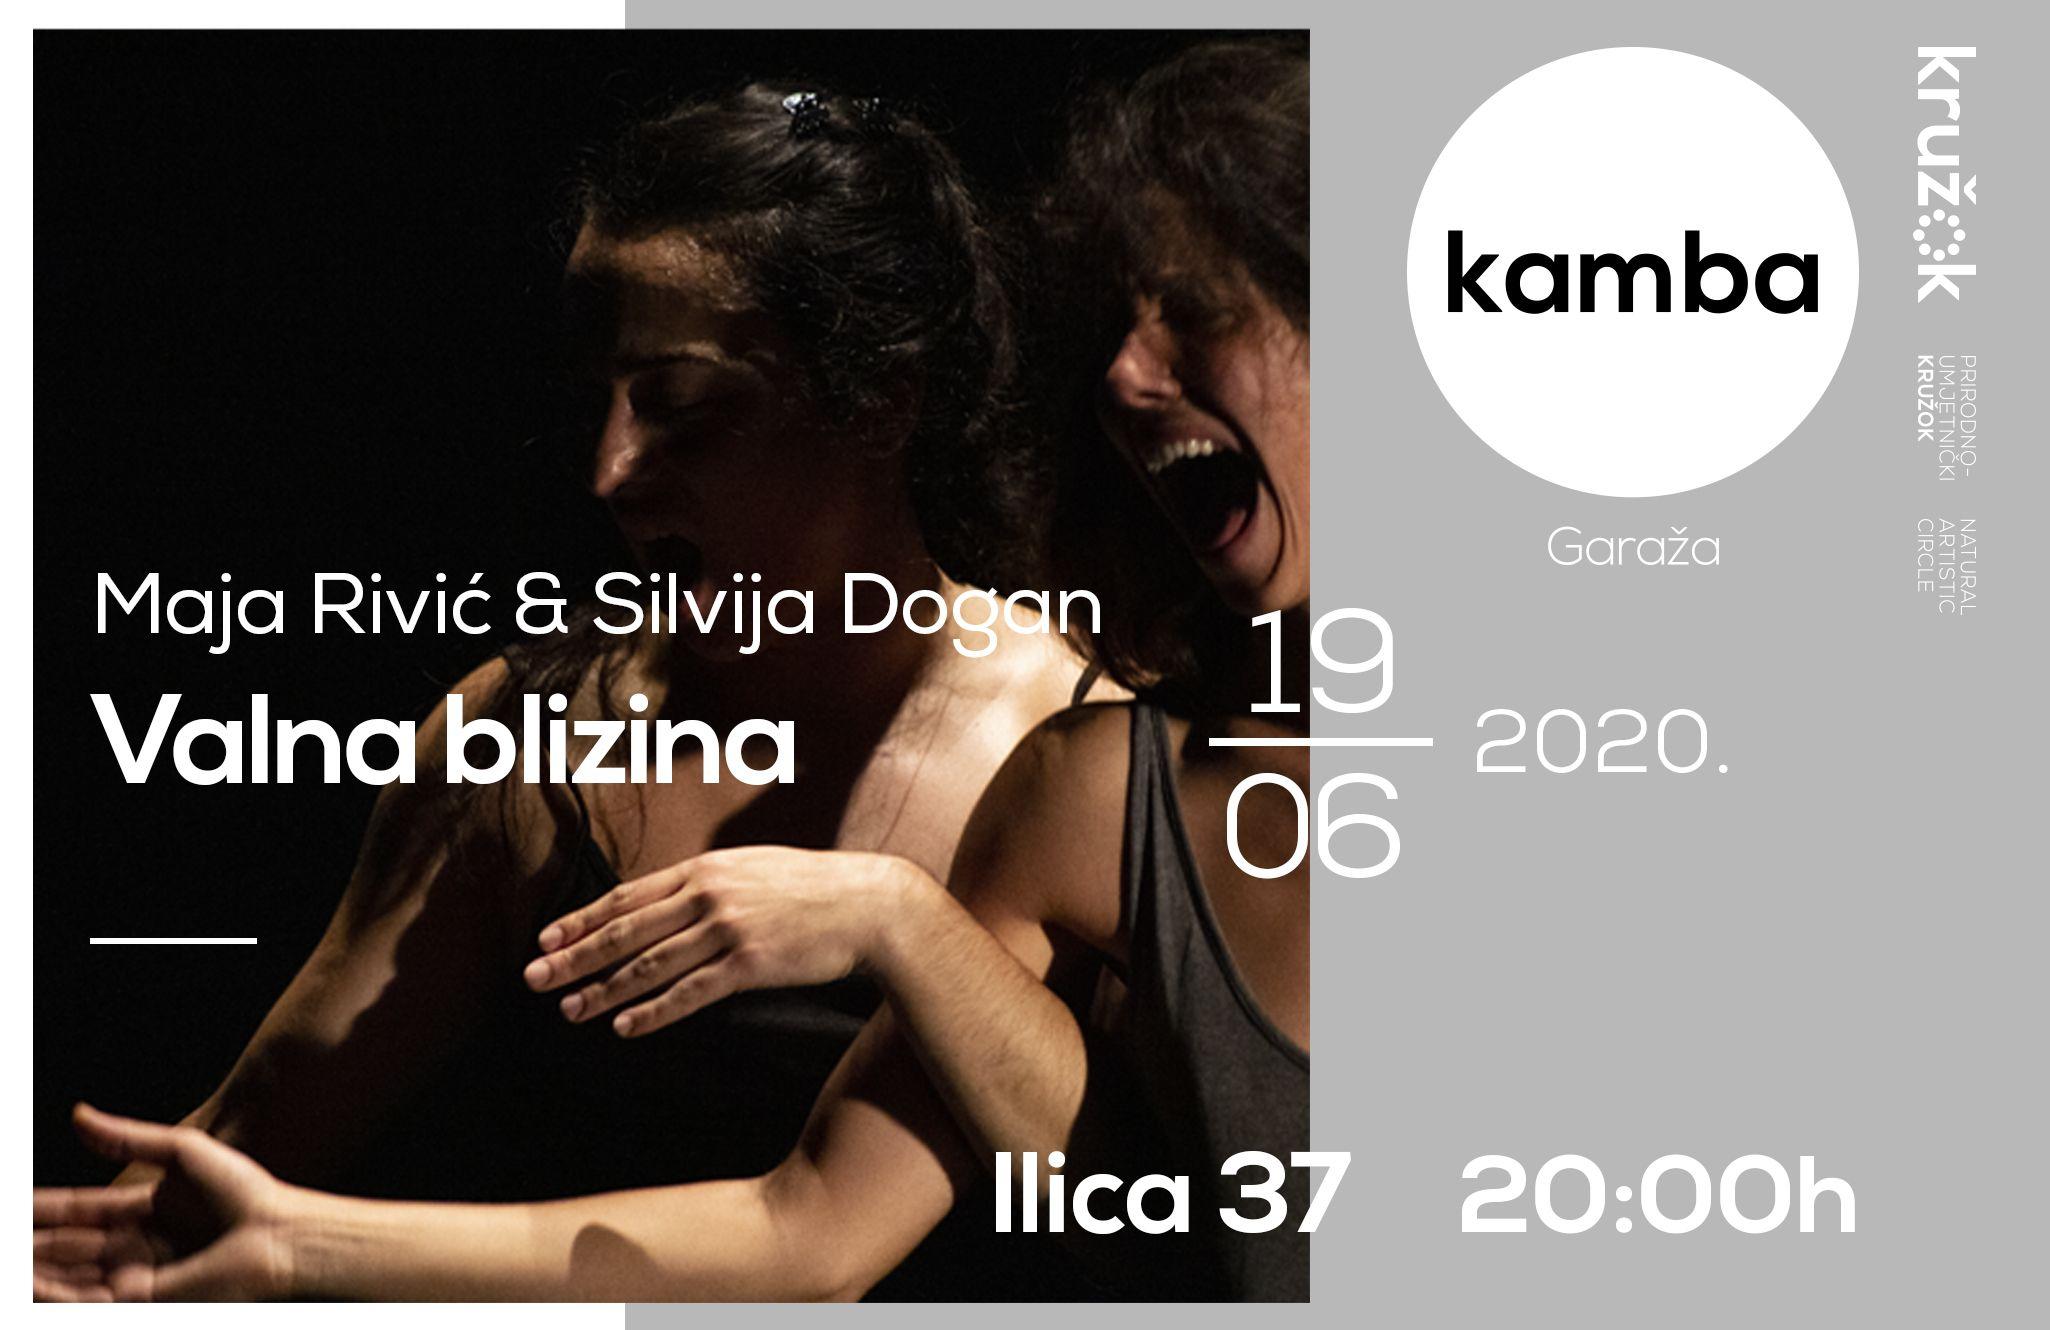 Silvija Dogan i Maja Rivić: Valna blizina u Garaži Kamba